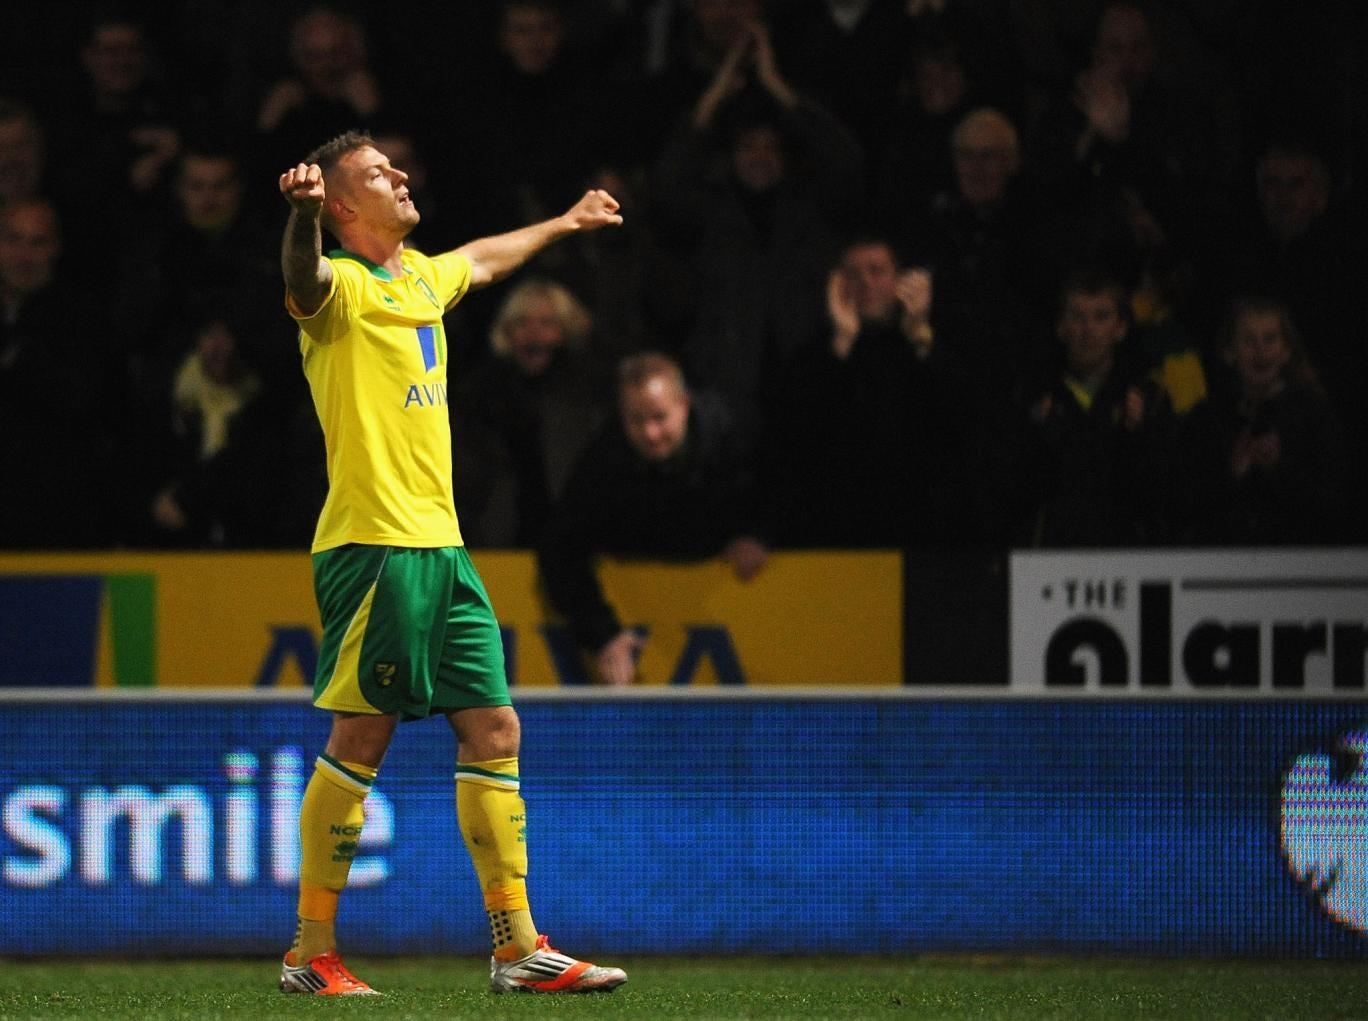 Anthony Pilkington celebrates his winning goal